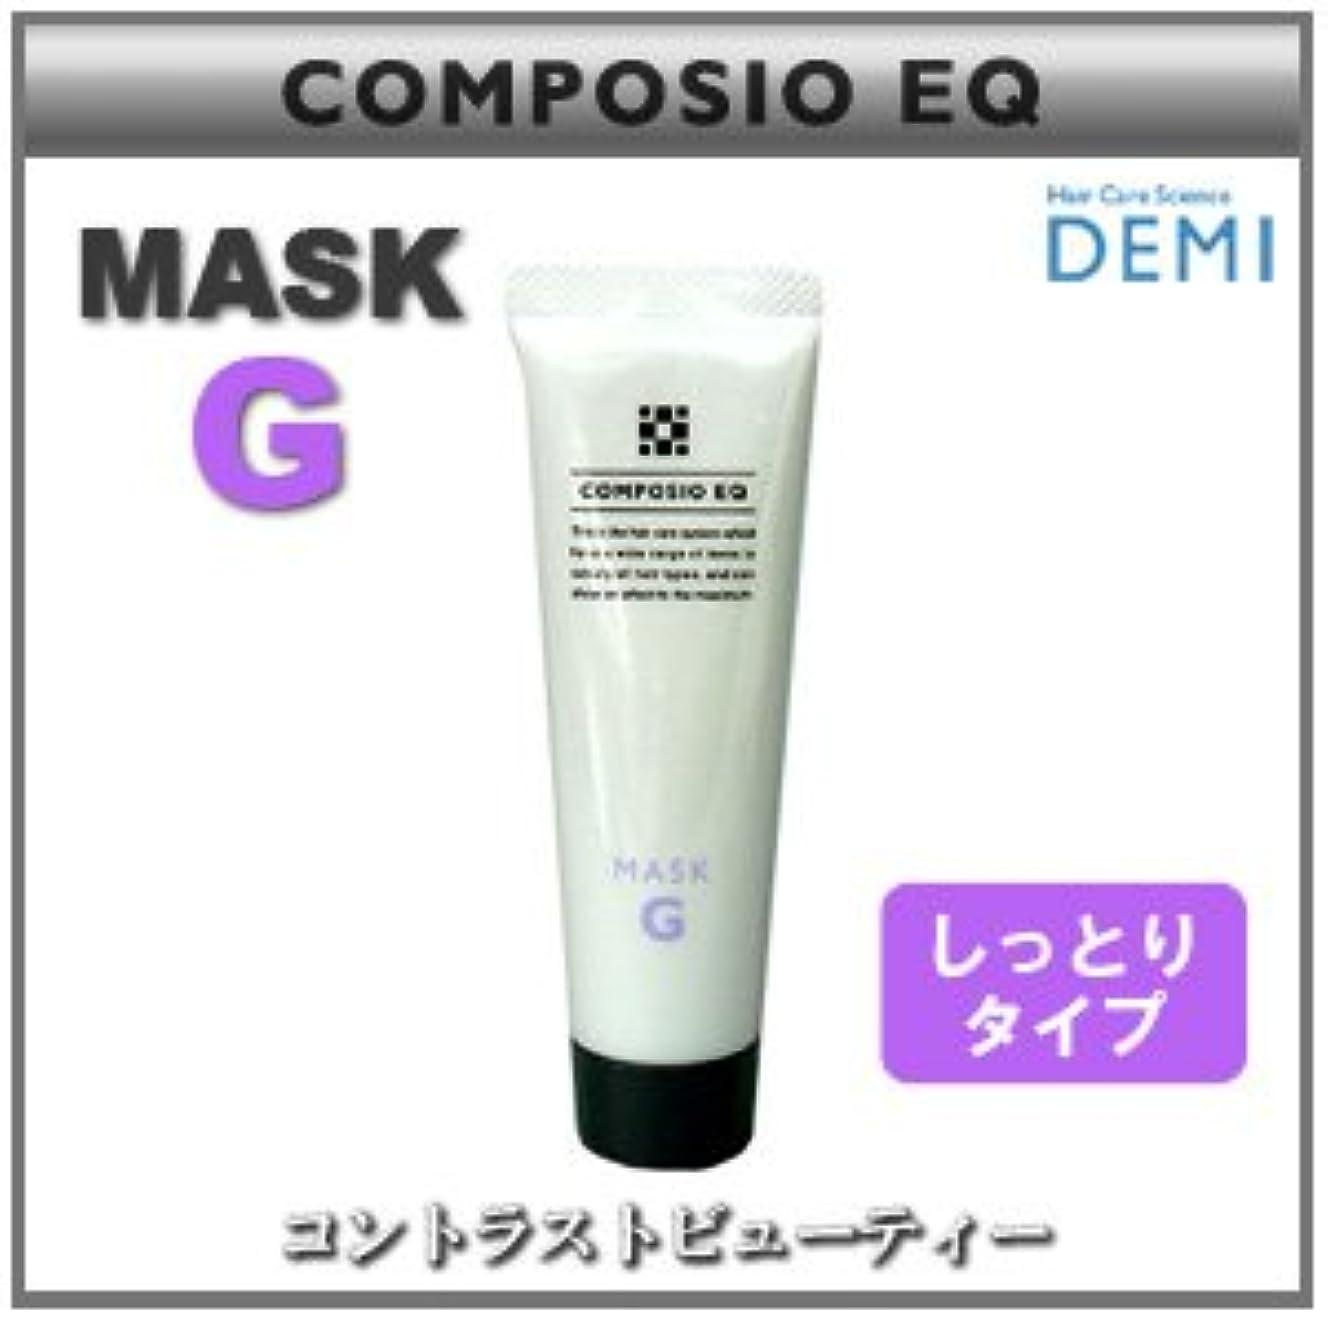 マーガレットミッチェル遺跡調査【X2個セット】 デミ コンポジオ EQ マスク G 50g